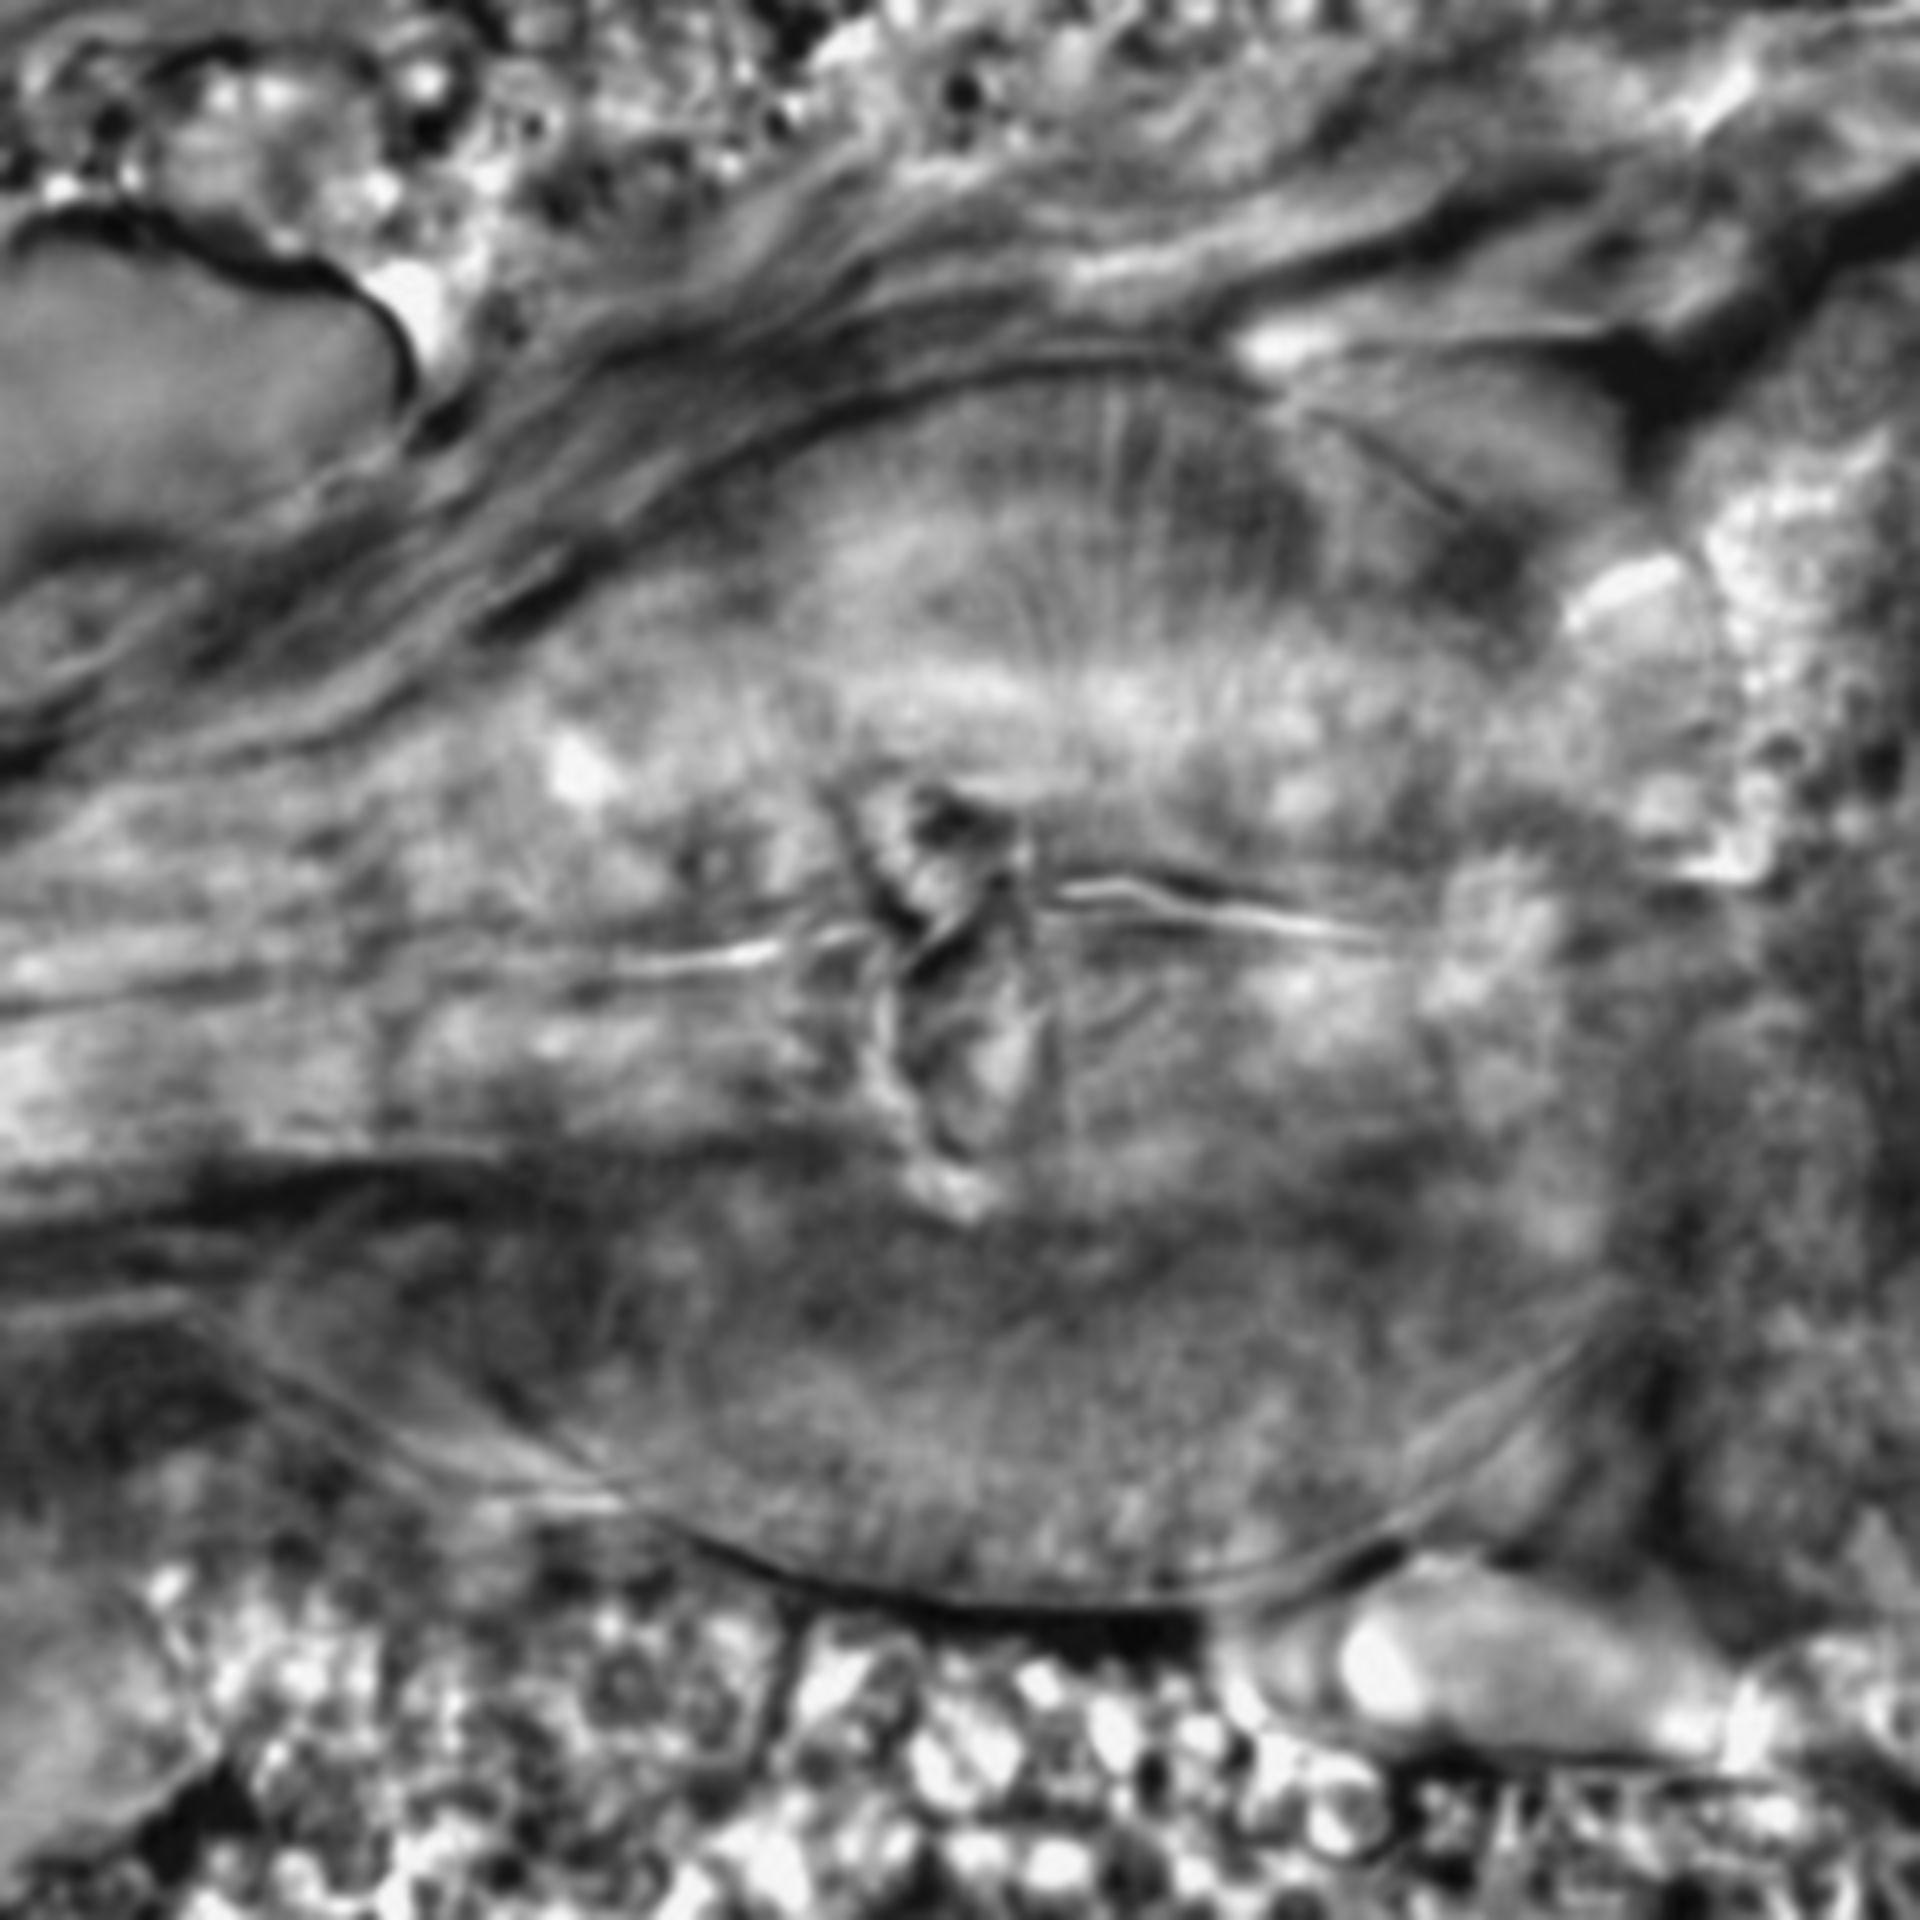 Caenorhabditis elegans - CIL:1771